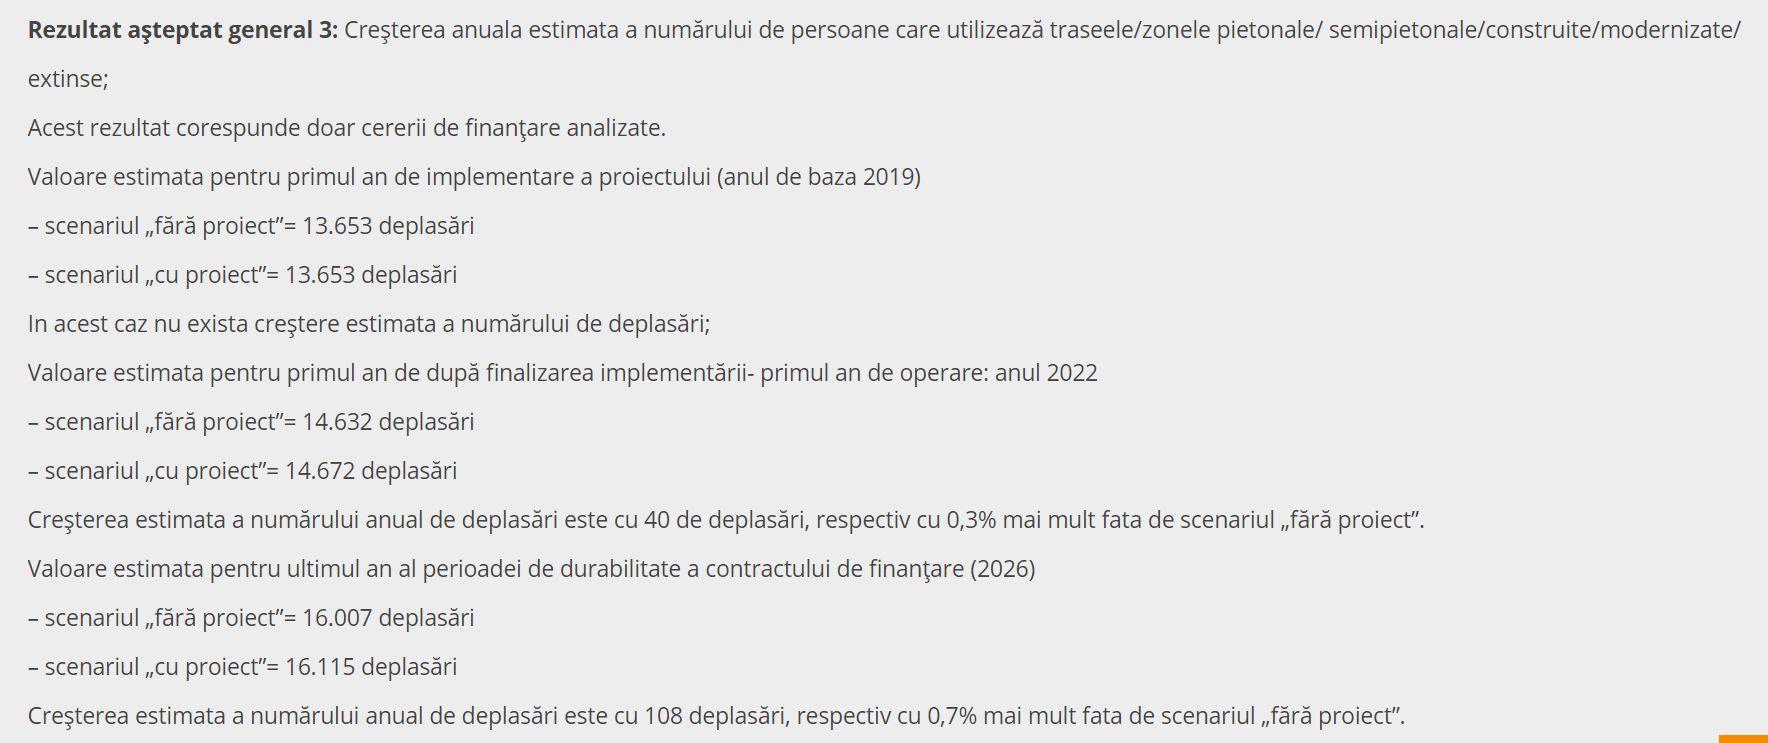 """Potrivit fișei de pe site-ul Primăriei Sinaia, proiectul parcării scontează obținerea a trei rezultate """"benefice""""mediului înconjurător: cele două amintite mai sus (creșterea numărului de pasageri din autobuzele orășenești cu 327/an și creșterea numărului de pietoni de pe străzi cu 108/an) și un al treilea: scăderea emisiilor de CO2 cu 155 de tone/an. E neclar care este corelația dintre primele două și al treilea. În imagine: calculul referitor la """"înmulțirea"""" pietonilor."""